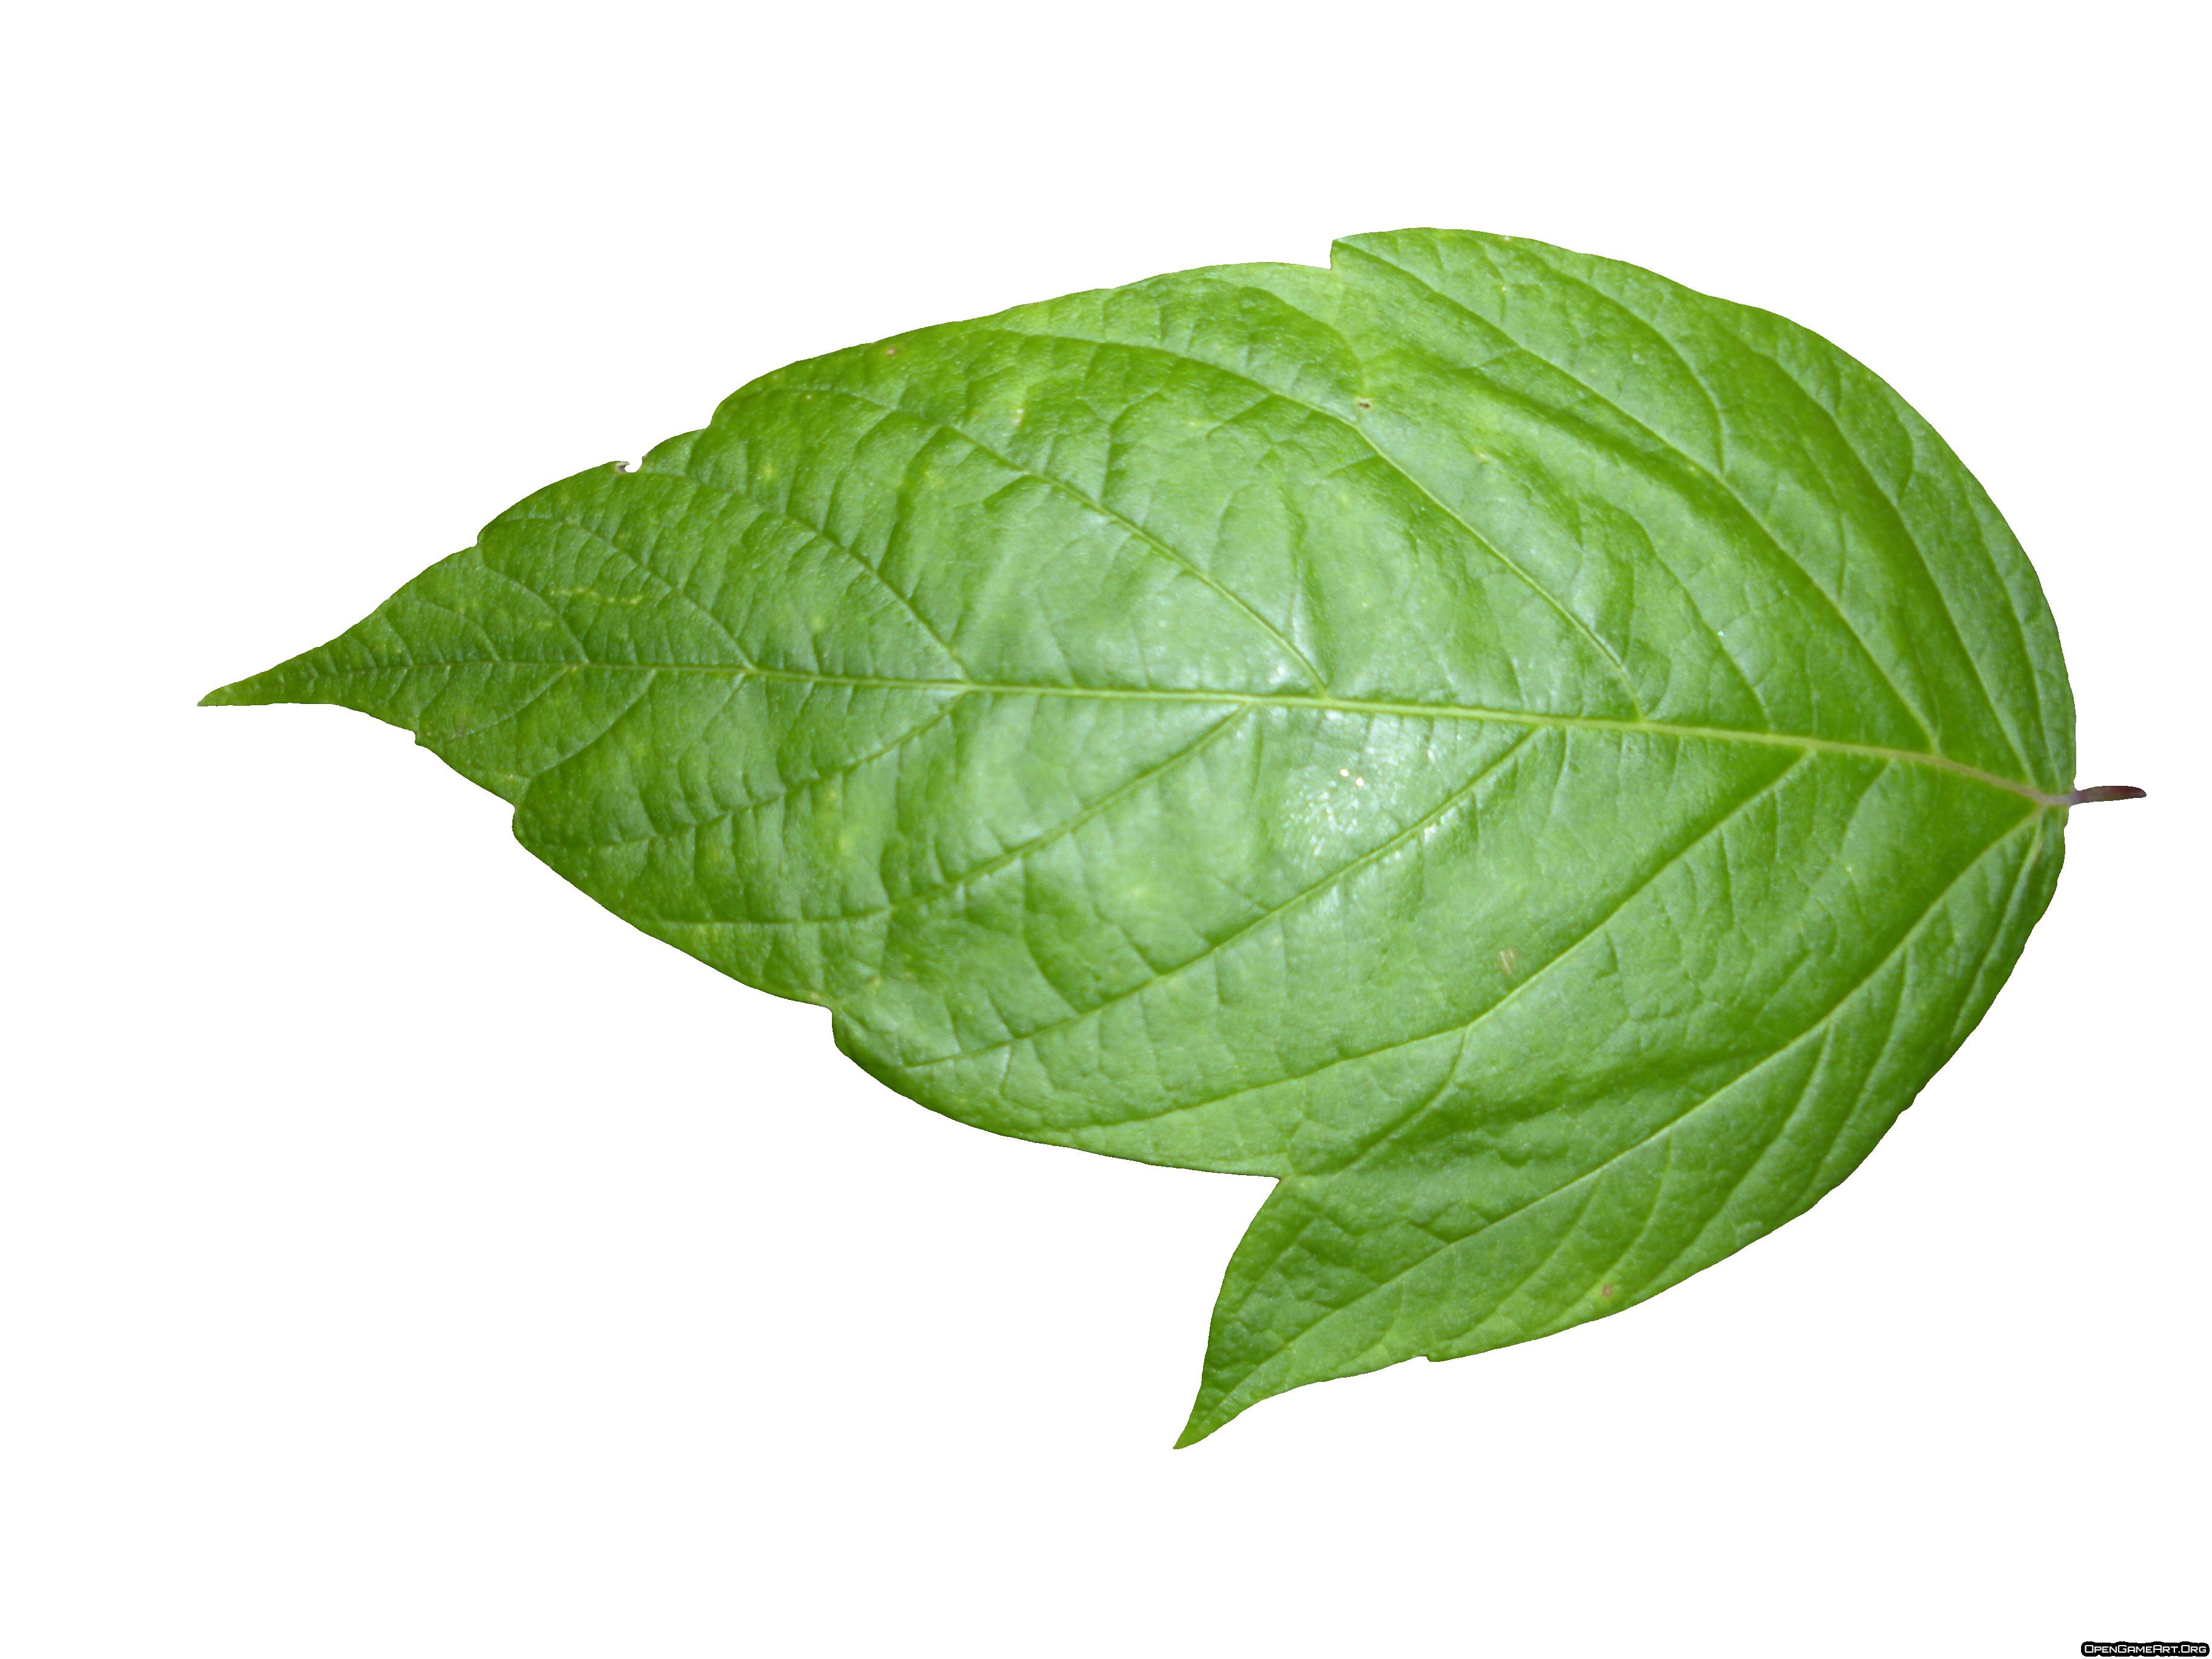 Tulsi Plant Hd Wallpaper: Background Png Leaf Transparent #38611